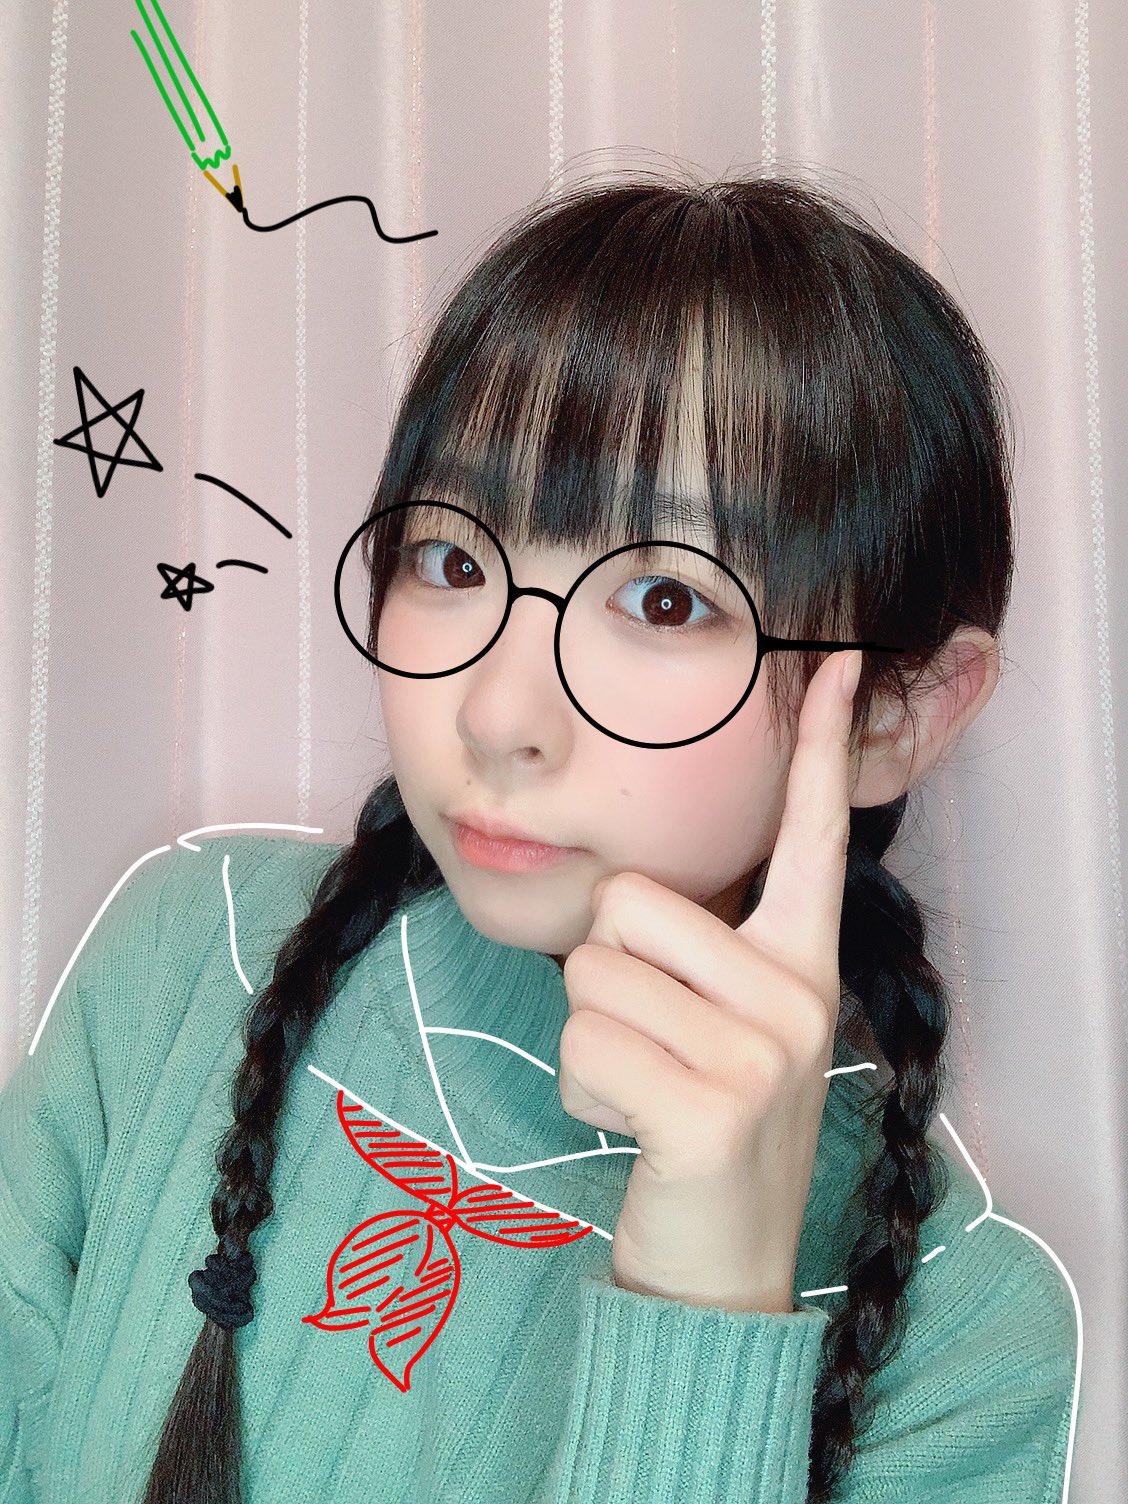 でんぱ組.inc高咲陽菜「どっちの写真が好き?」ギャップありすぎな様子が可愛い…【画像2枚】の画像002